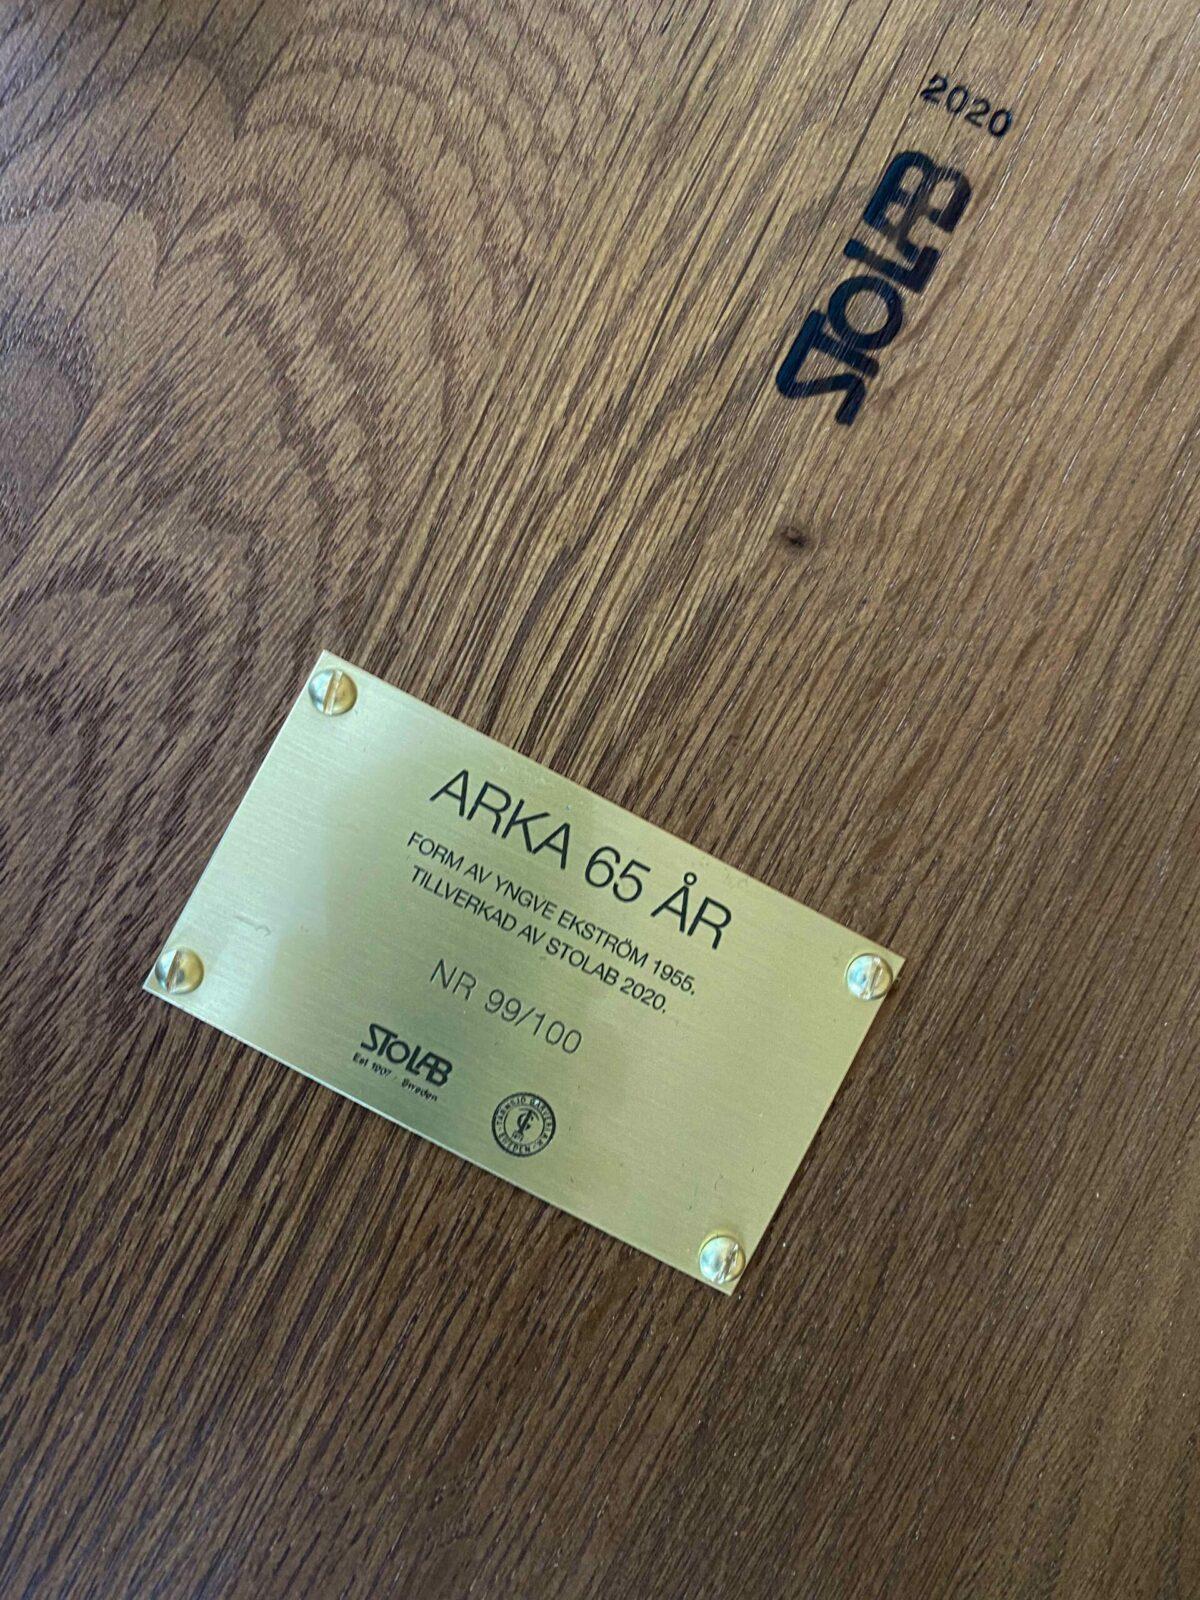 Stolab Arka04 Glashuset i Malmo scaled